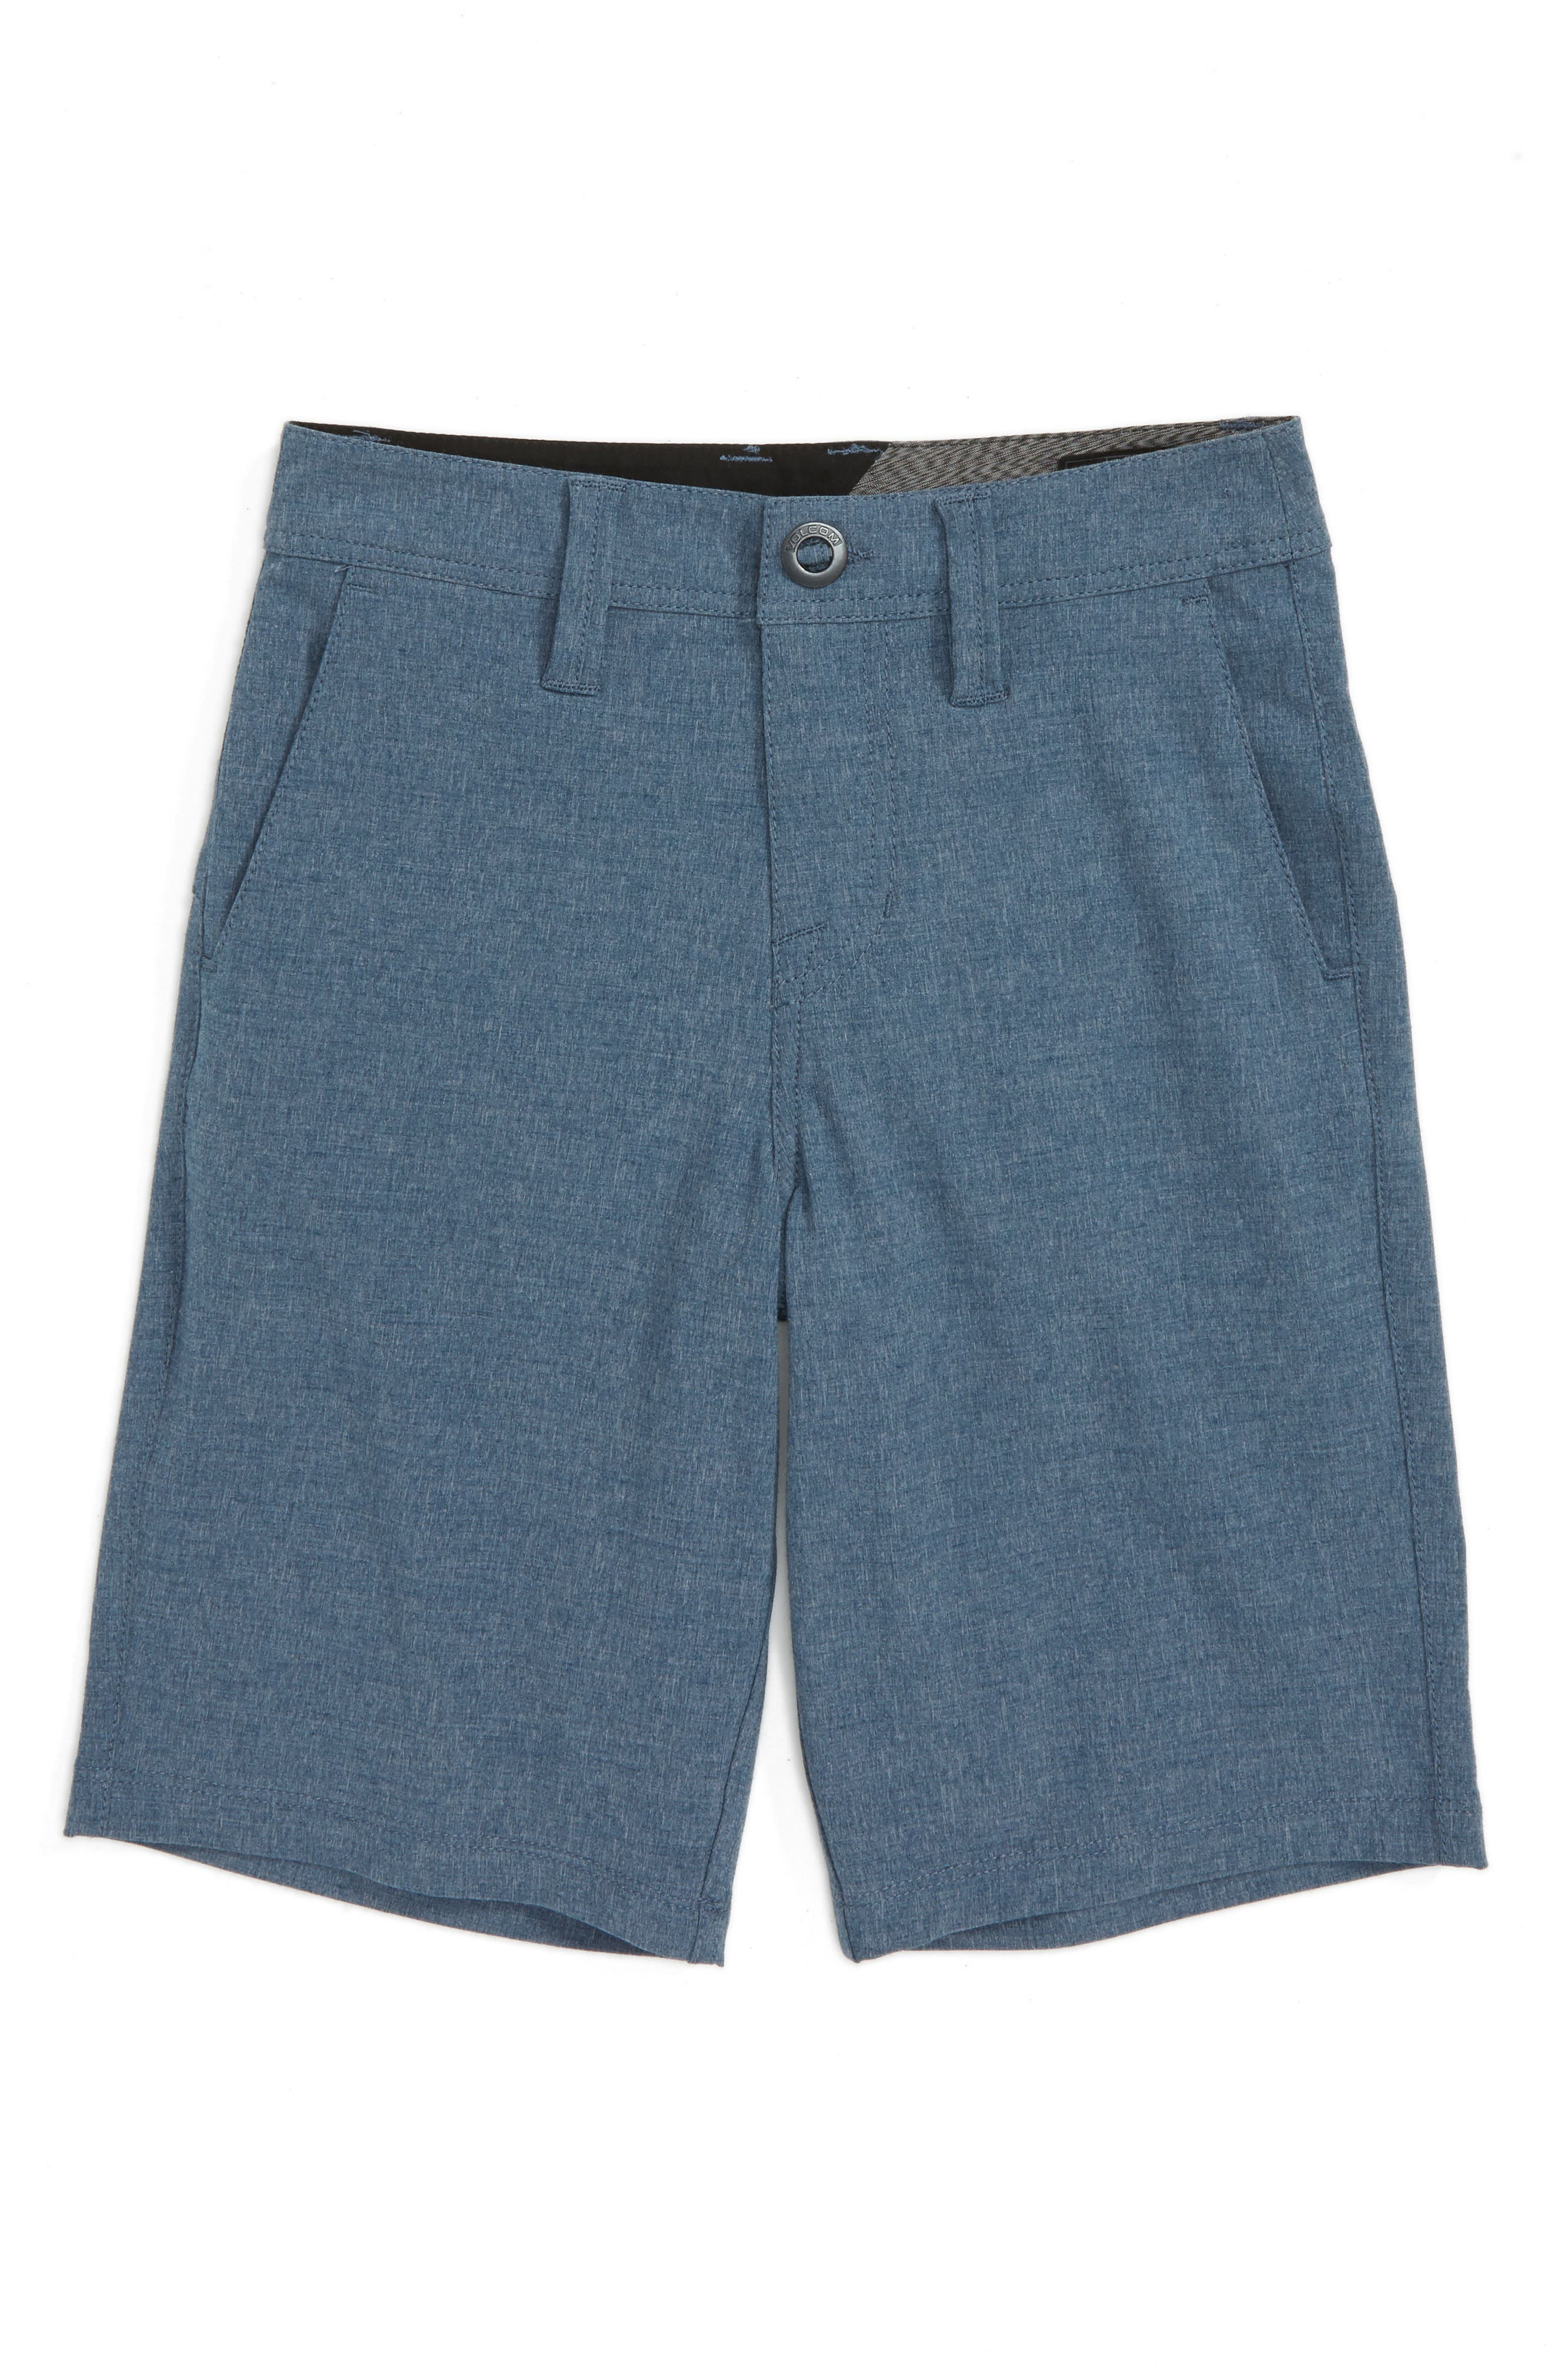 Surf N' Turf Static Hybrid Shorts,                         Main,                         color, Indigo